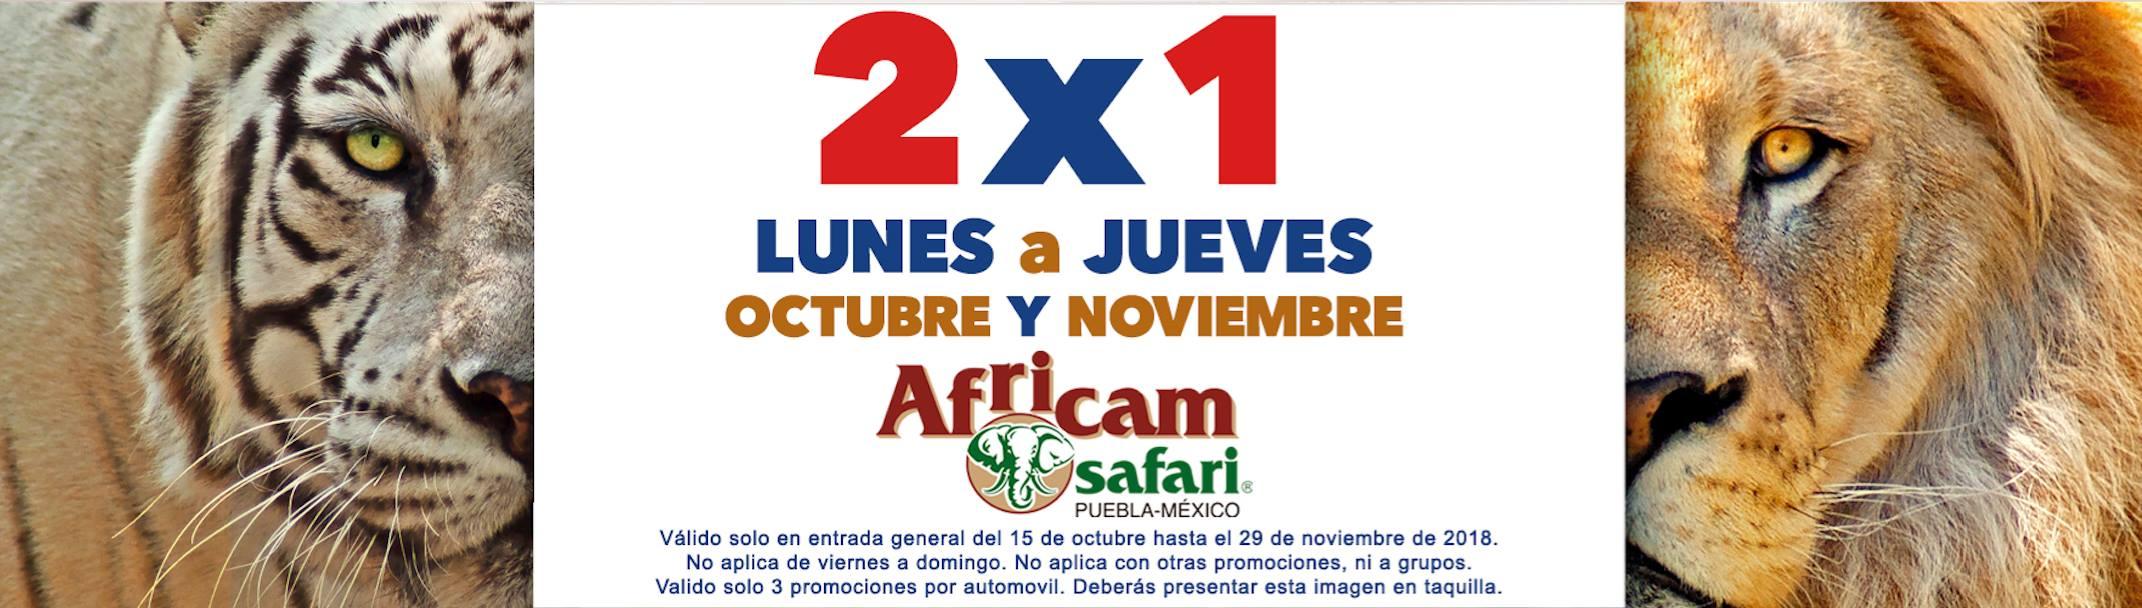 Africam Safari: 2x1 de lunes a jueves en octubre y noviembre